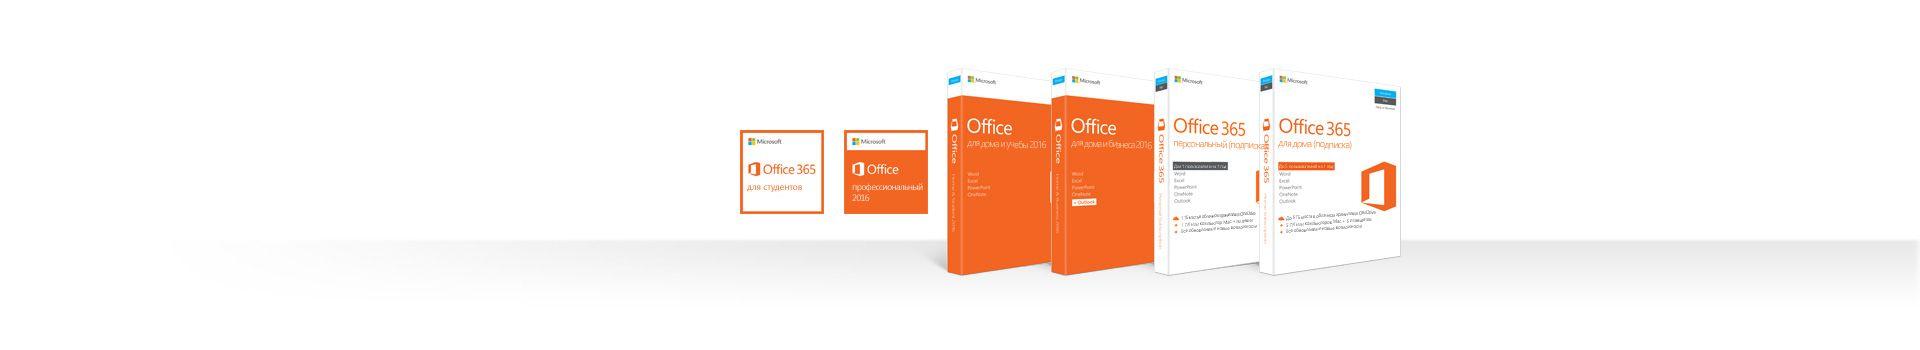 Расположенные в ряд коробки продуктов Office, предлагаемые в рамках подписки или в виде отдельных решений, для ПК с Windows